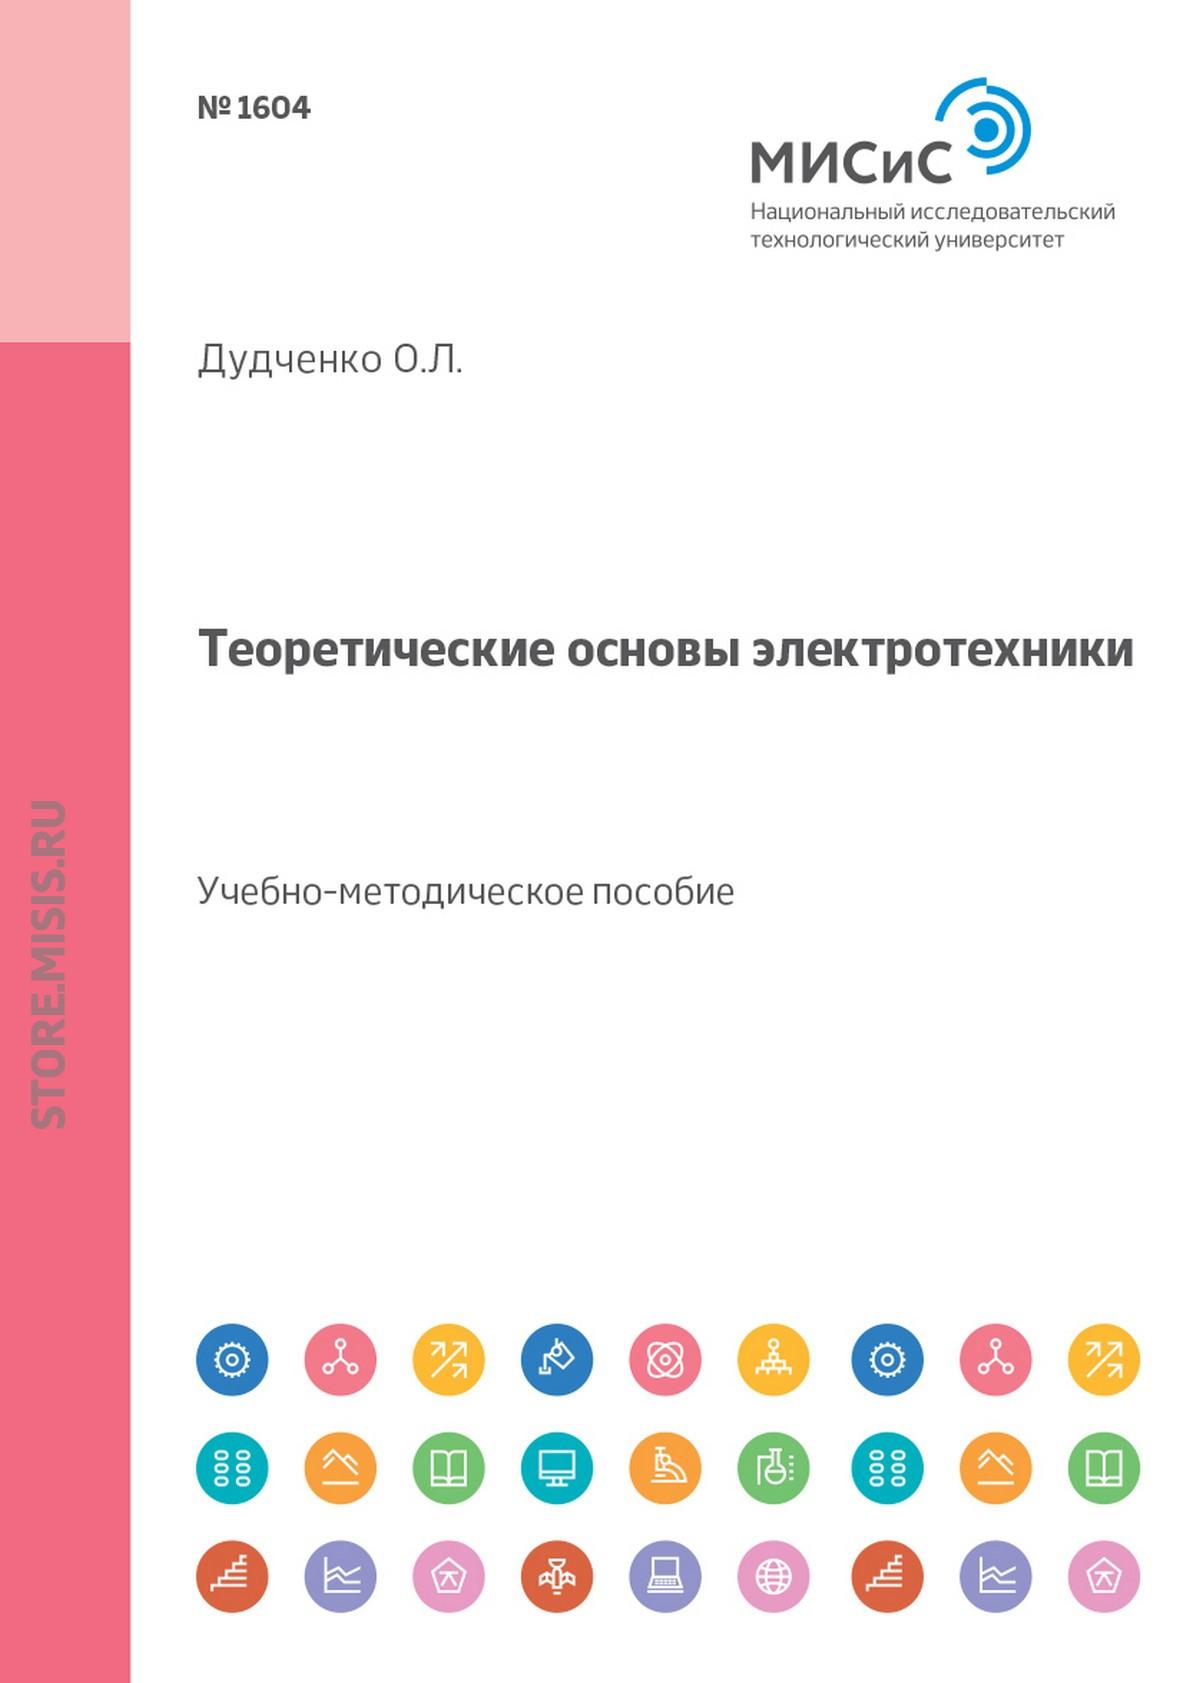 О. Л. Дудченко Теоретические основы электротехники. Учебно-методическое пособие евсеев м теоретические основы электротехники